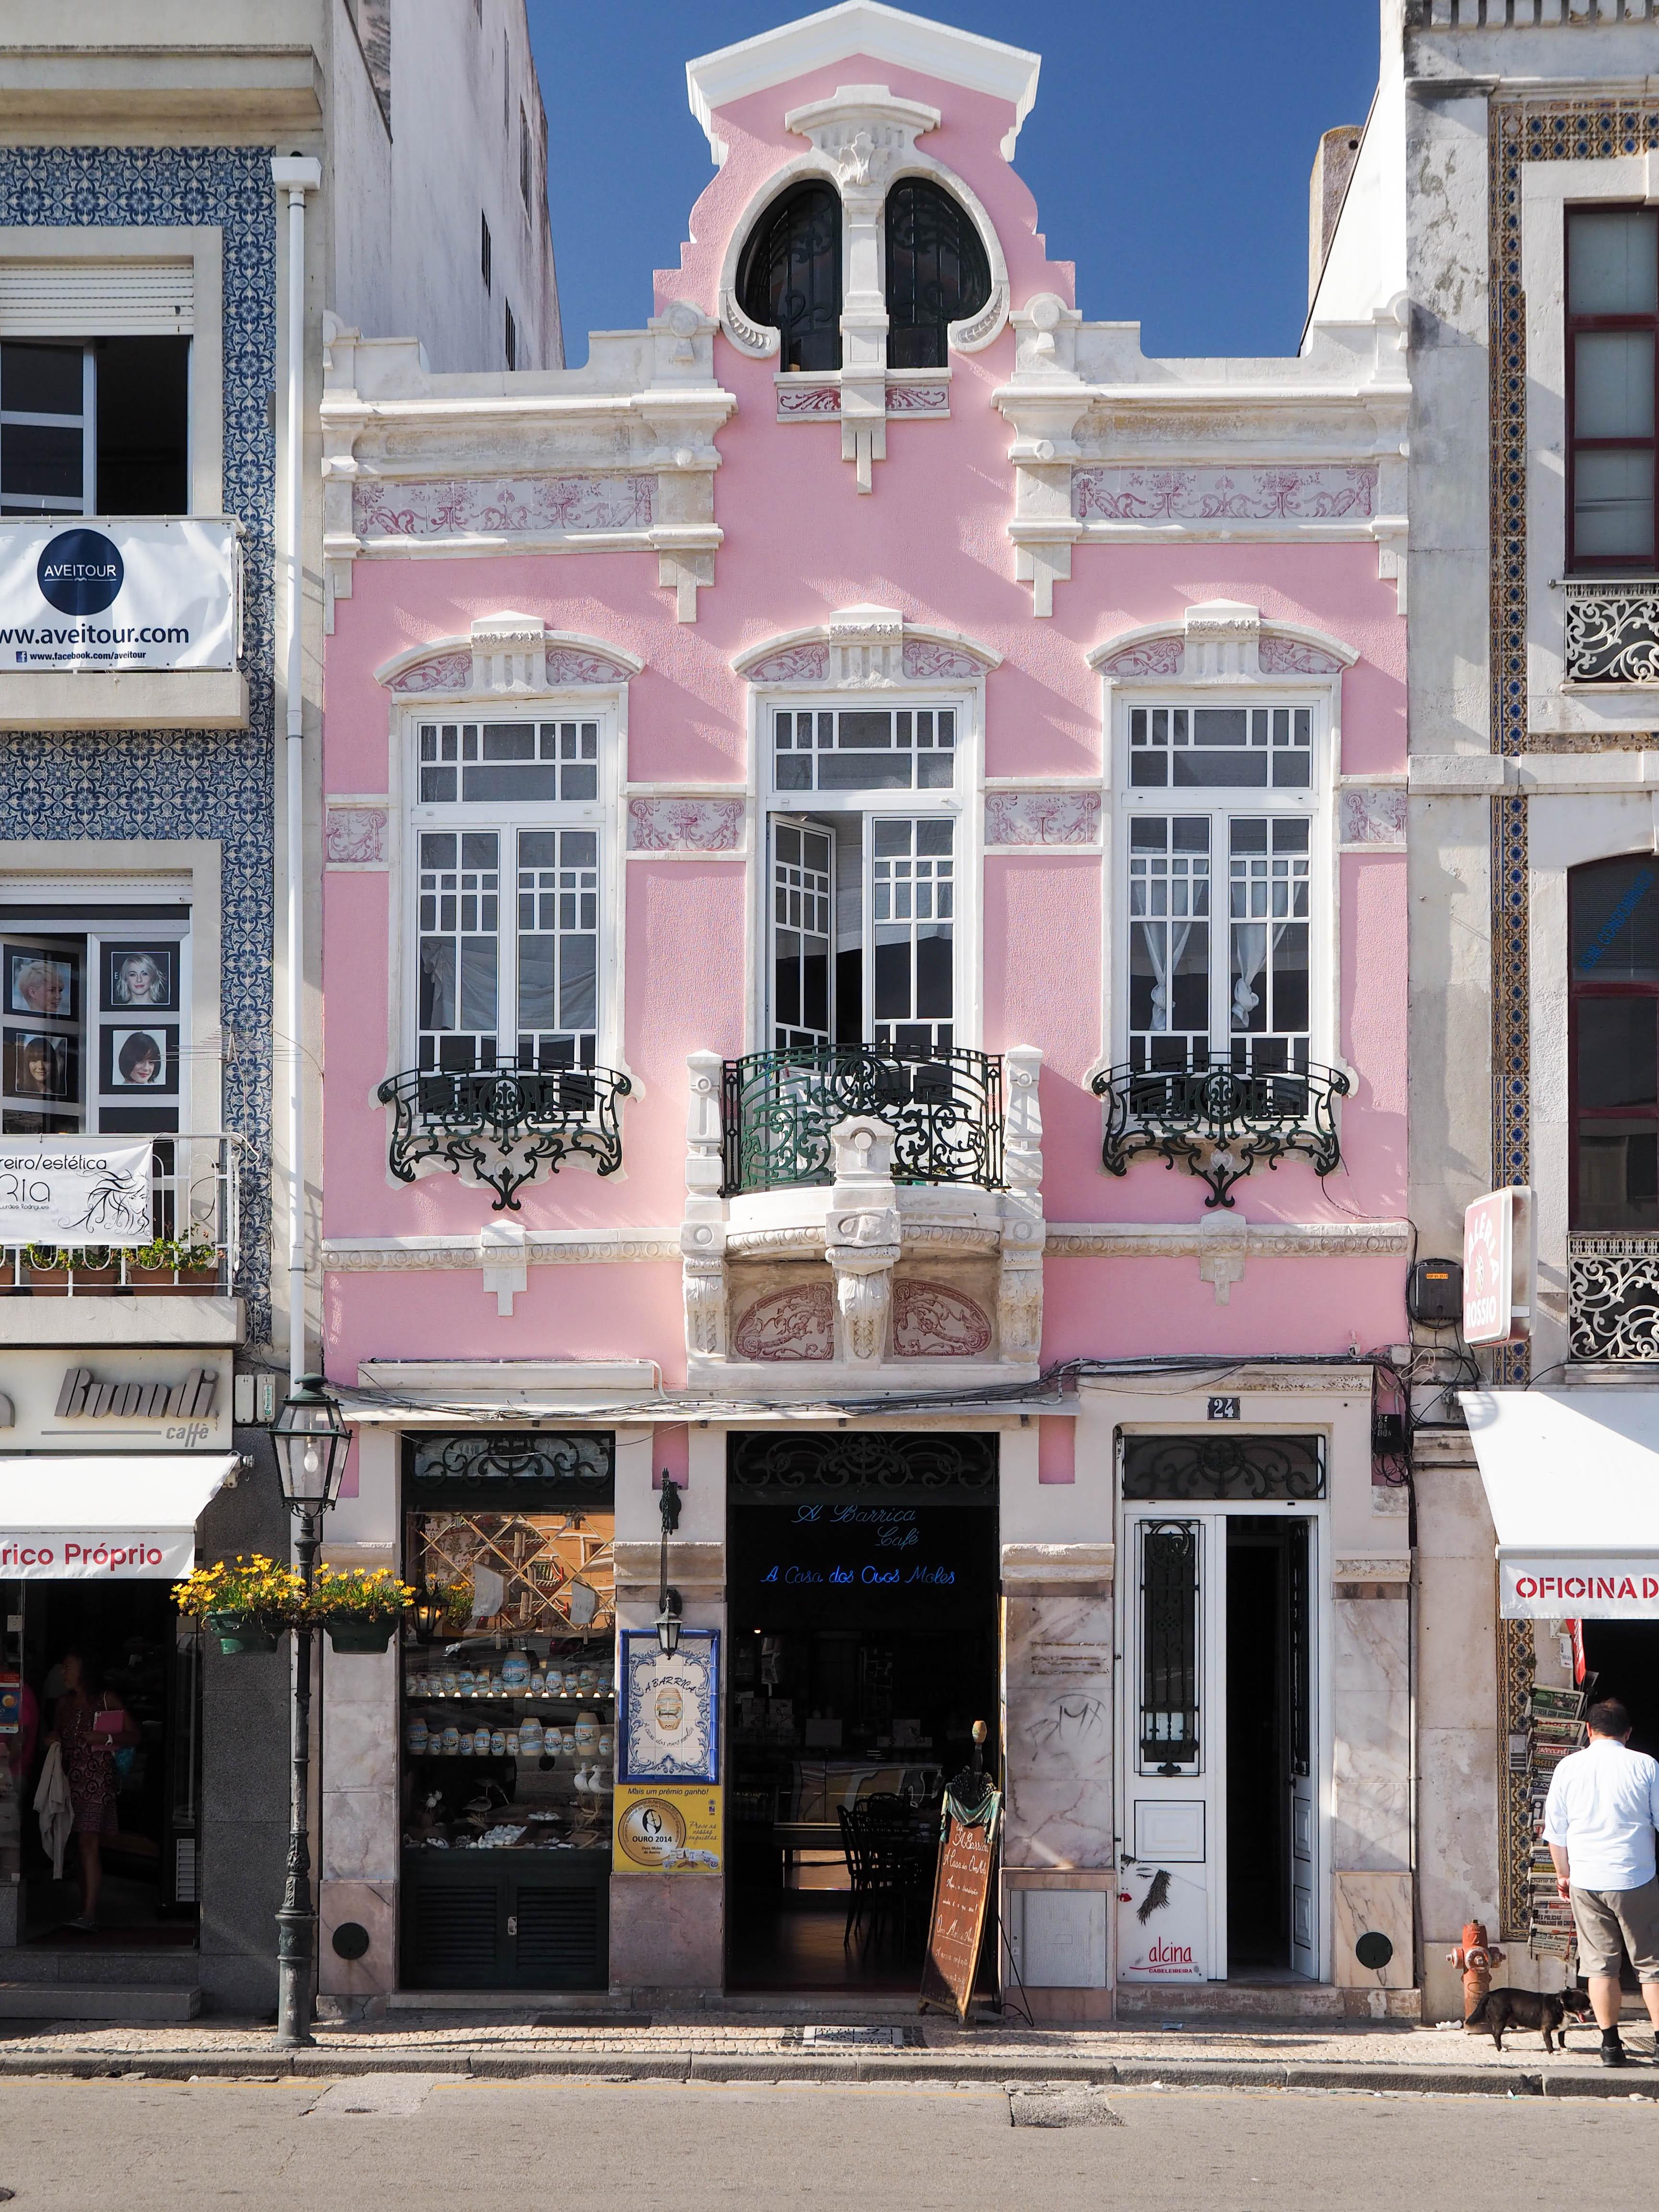 Casa dos Ovos Moles a Barrica, um café em estilo Art Nouveau